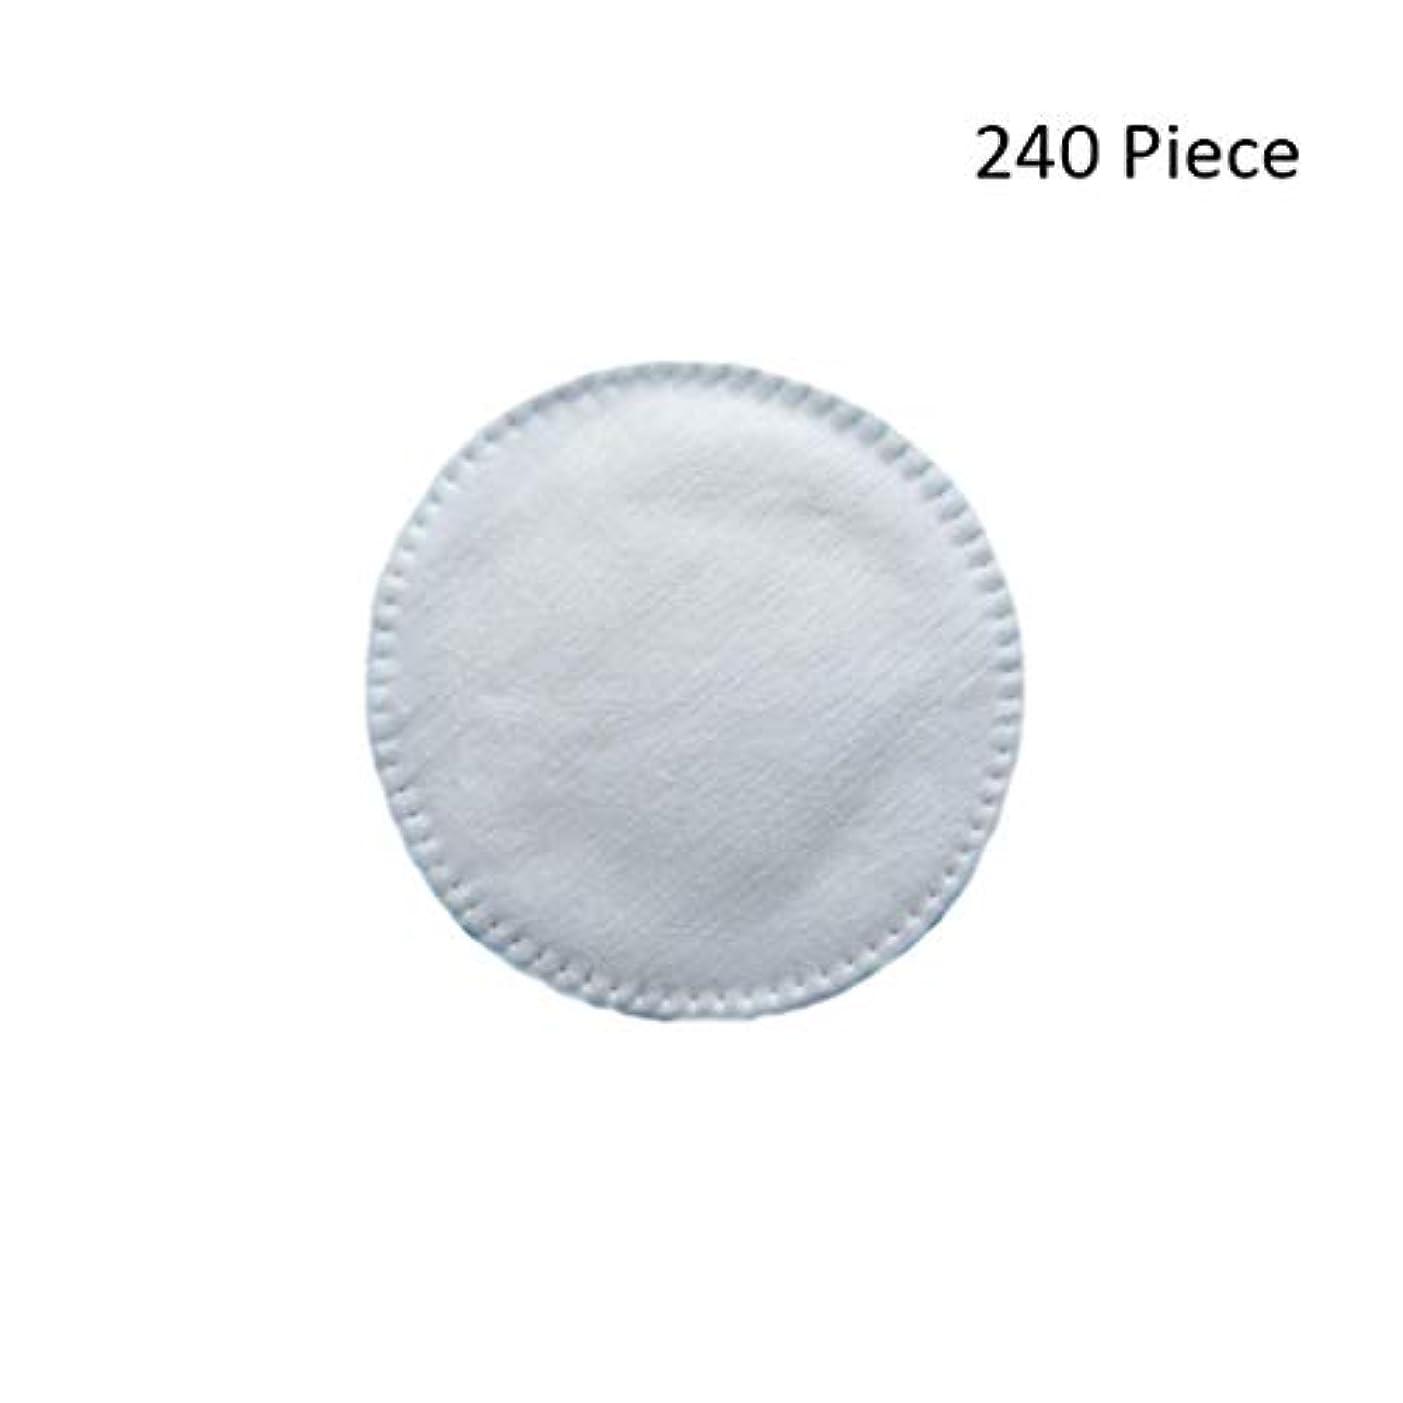 何十人も動機付ける現金化粧パッド 240ピースコットンフェイスメイク落としコットンフェイスワイプディープクレンジングコットン竹繊維スキンケアフェイスウォッシュ化粧品ツール メイク落とし化粧パッド (Color : White)